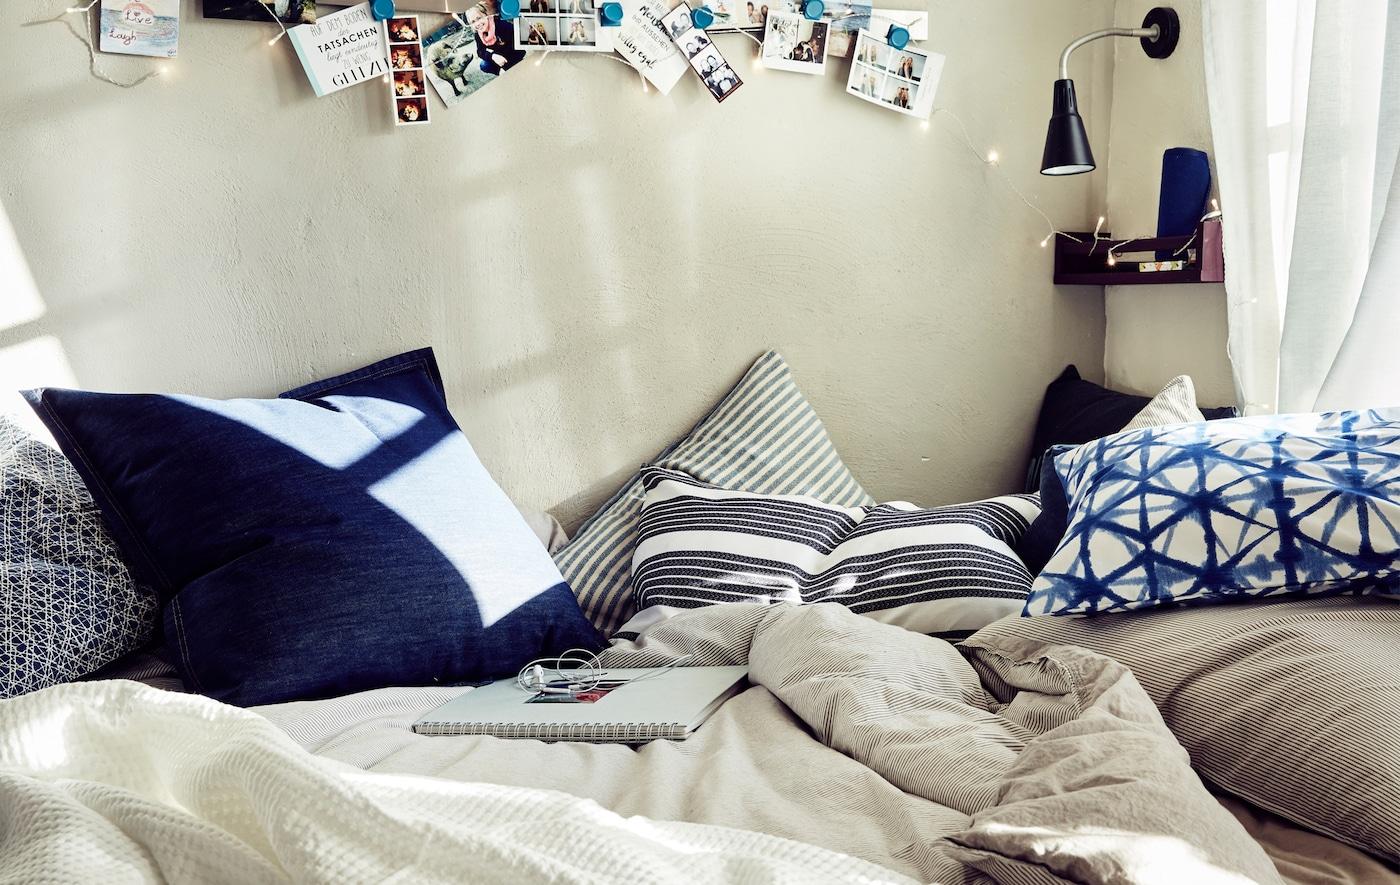 Krupan kadar kreveta s neutralnom krevetninom i jastučićima s plavom šarom.